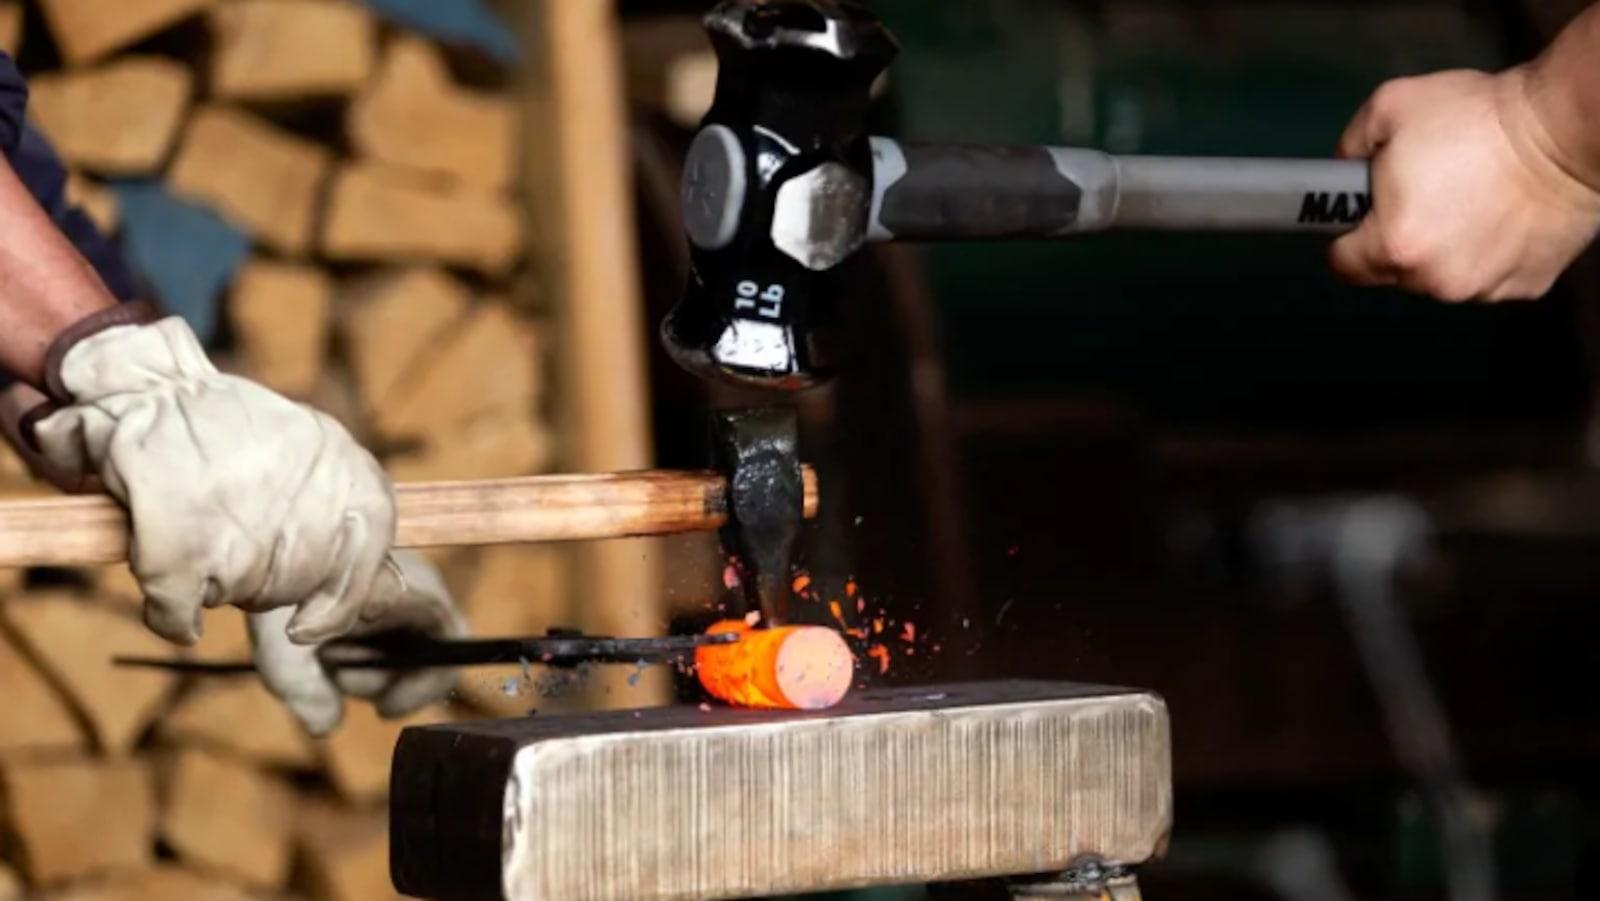 Deux marteaux frappent une pièce de fer sorti du four.